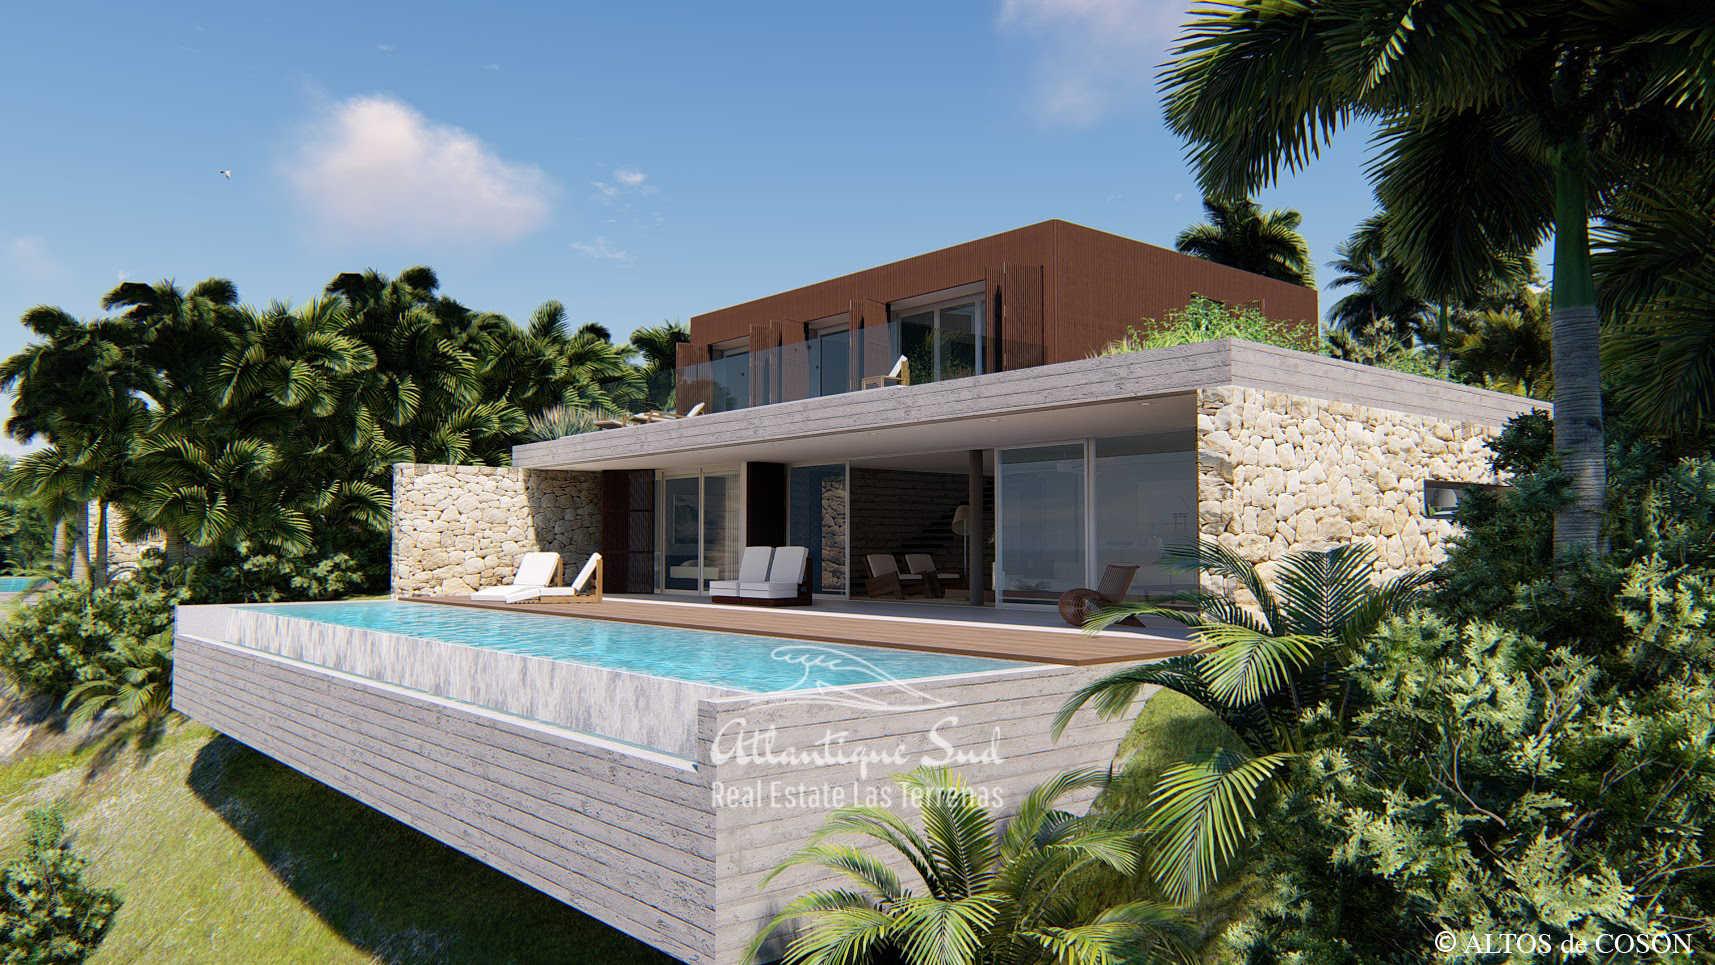 Lots with villas to build in Coson las terrenas1.jpg